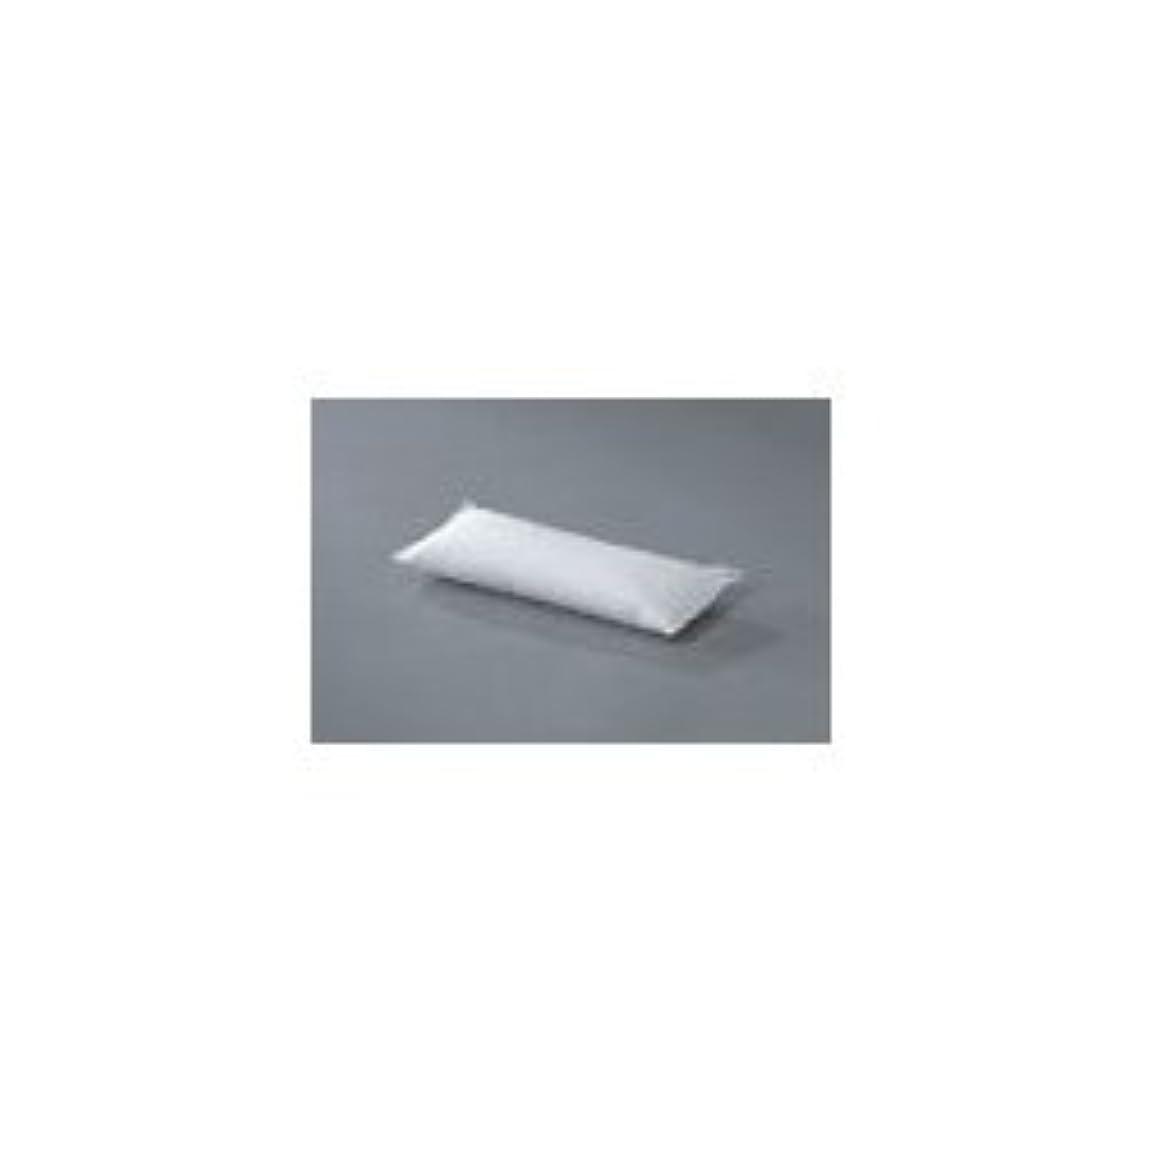 率直なサポート物語ジャノメ 24時間風呂 クリーンバスユニット専用電解促進剤 CLパック 7袋 (クリーンパック)